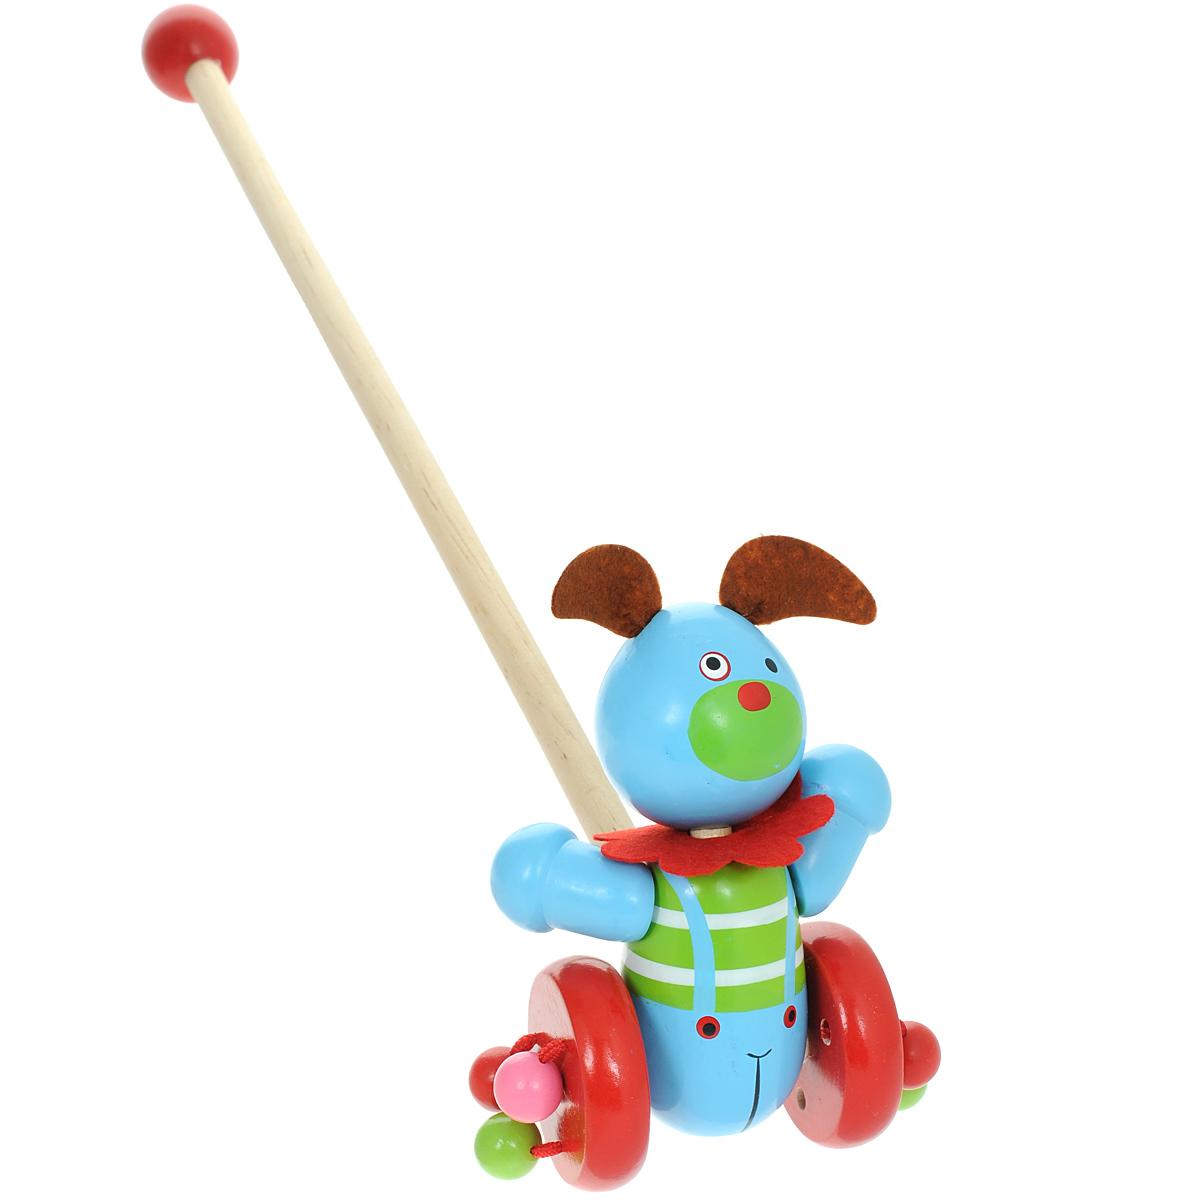 Mapacha Деревянная игрушка-каталка Веселый щенок76425Яркая игрушка-каталка Mapacha Веселый щенок непременно понравится вашему малышу и подойдет для игры как дома, так и на свежем воздухе. Яркая игрушка выполнена из дерева в виде забавного щенка на колесиках. Головка щенка подвижна, передние лапки прикреплены к туловищу эластичной резинкой. К колесикам игрушки с помощью текстильных шнурочков крепятся разноцветные деревянные шарики, которые гремят во время движения. Ручку-держатель можно открутить и играть только с игрушкой. В целях безопасности ручка дополнена круглым набалдашником. Игрушка-каталка Mapacha Веселый щенок способствует физическому развитию малыша - помогает сделать первые шаги и освоить навыки ходьбы. Развивает координацию движений и способность ориентироваться в пространстве.